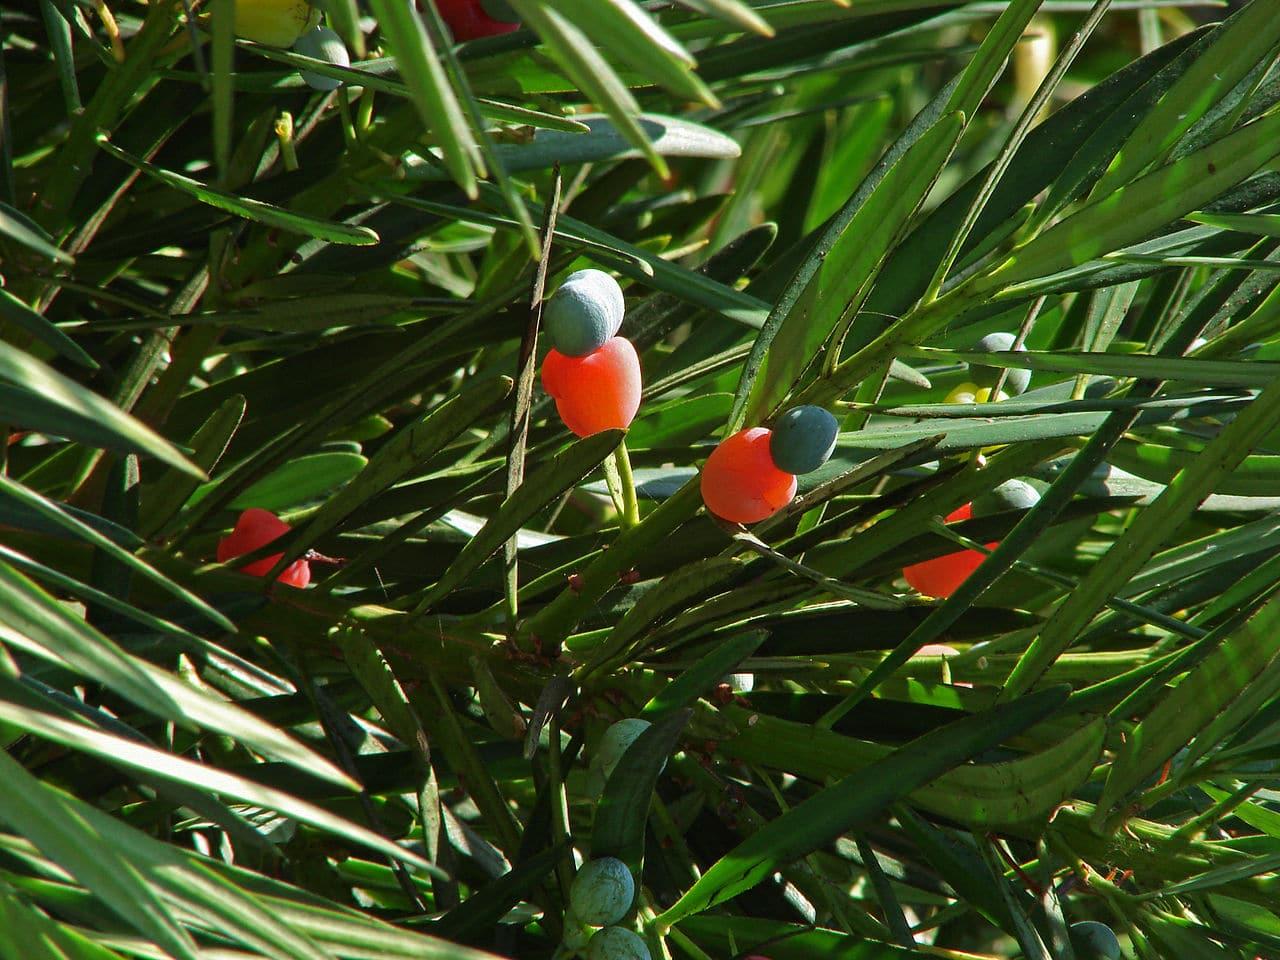 Detalle de los frutos y las hojas de podocarpus